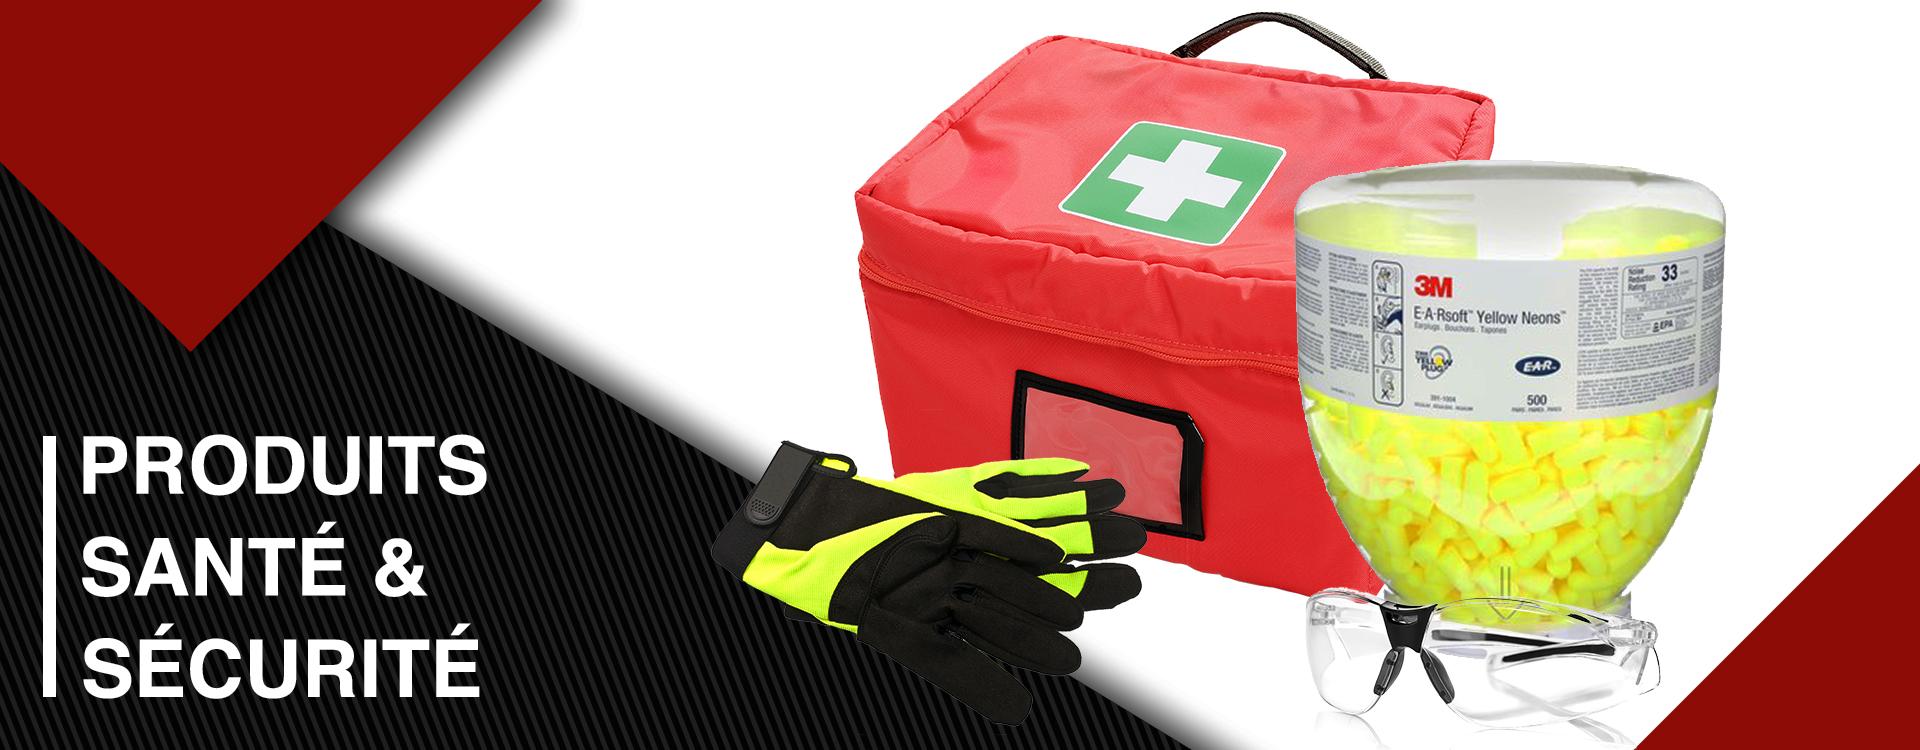 Produits santé et sécurité